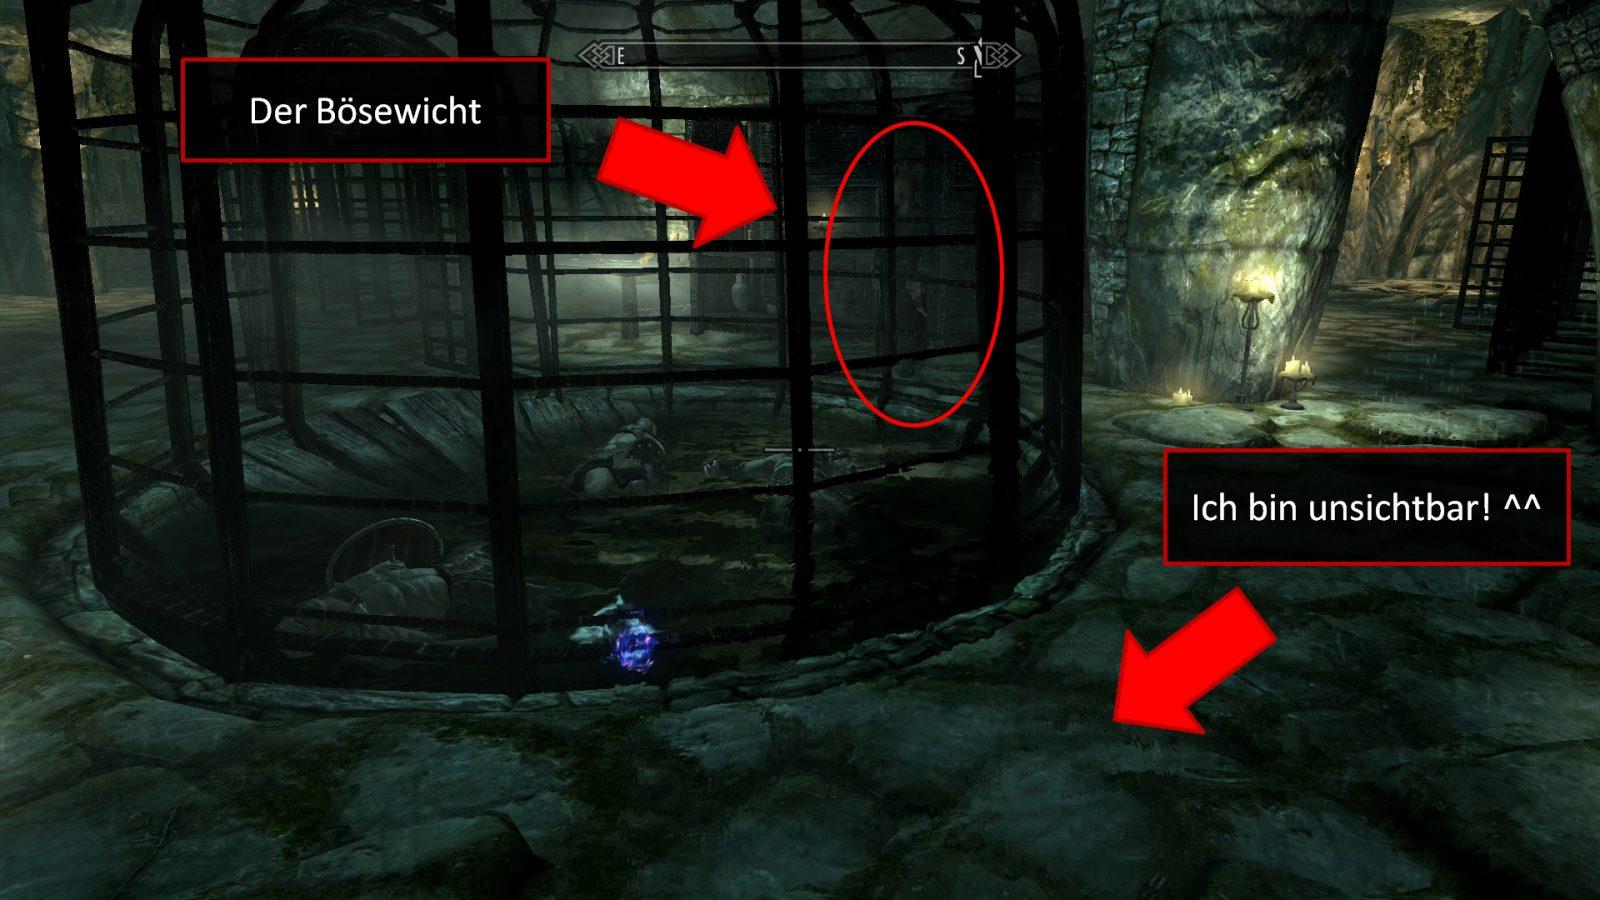 Screenshot aus Skyrim: Ein böser Magier hat unschuldige Abenteurer für seine Experimente benutzt.